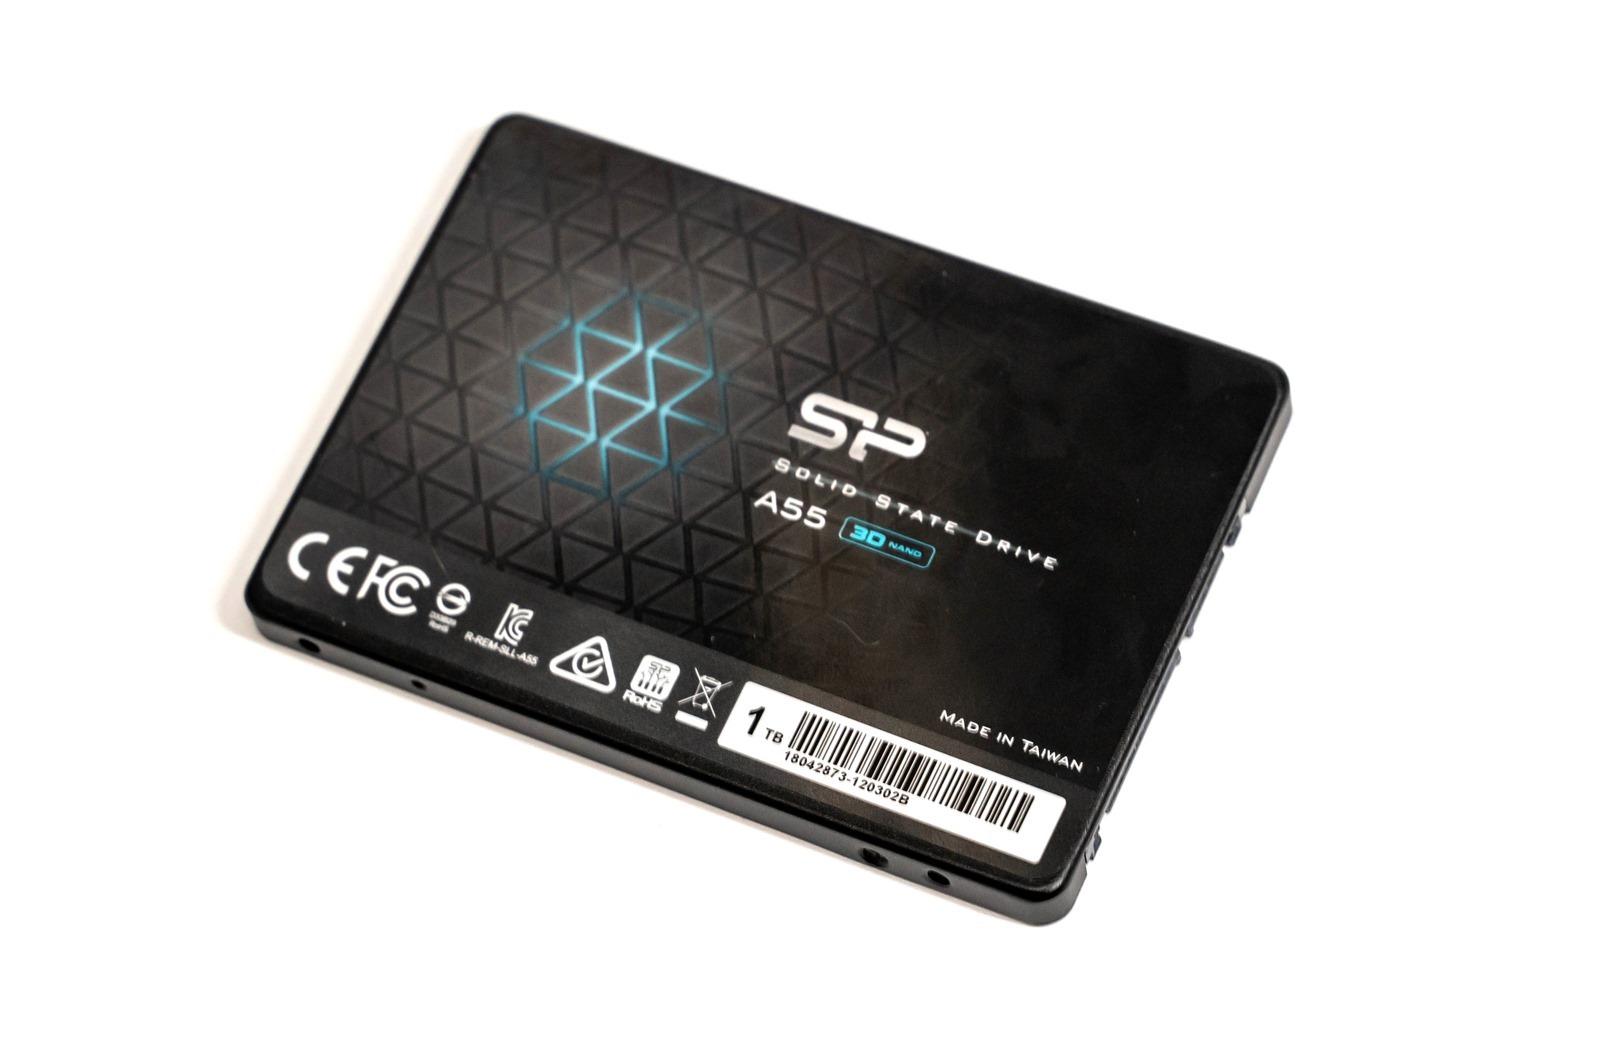 電腦升級經濟實惠提高效率!廣穎電通 Ace A55 固態硬碟 (1TB) 簡單開箱 / 測速 @3C 達人廖阿輝